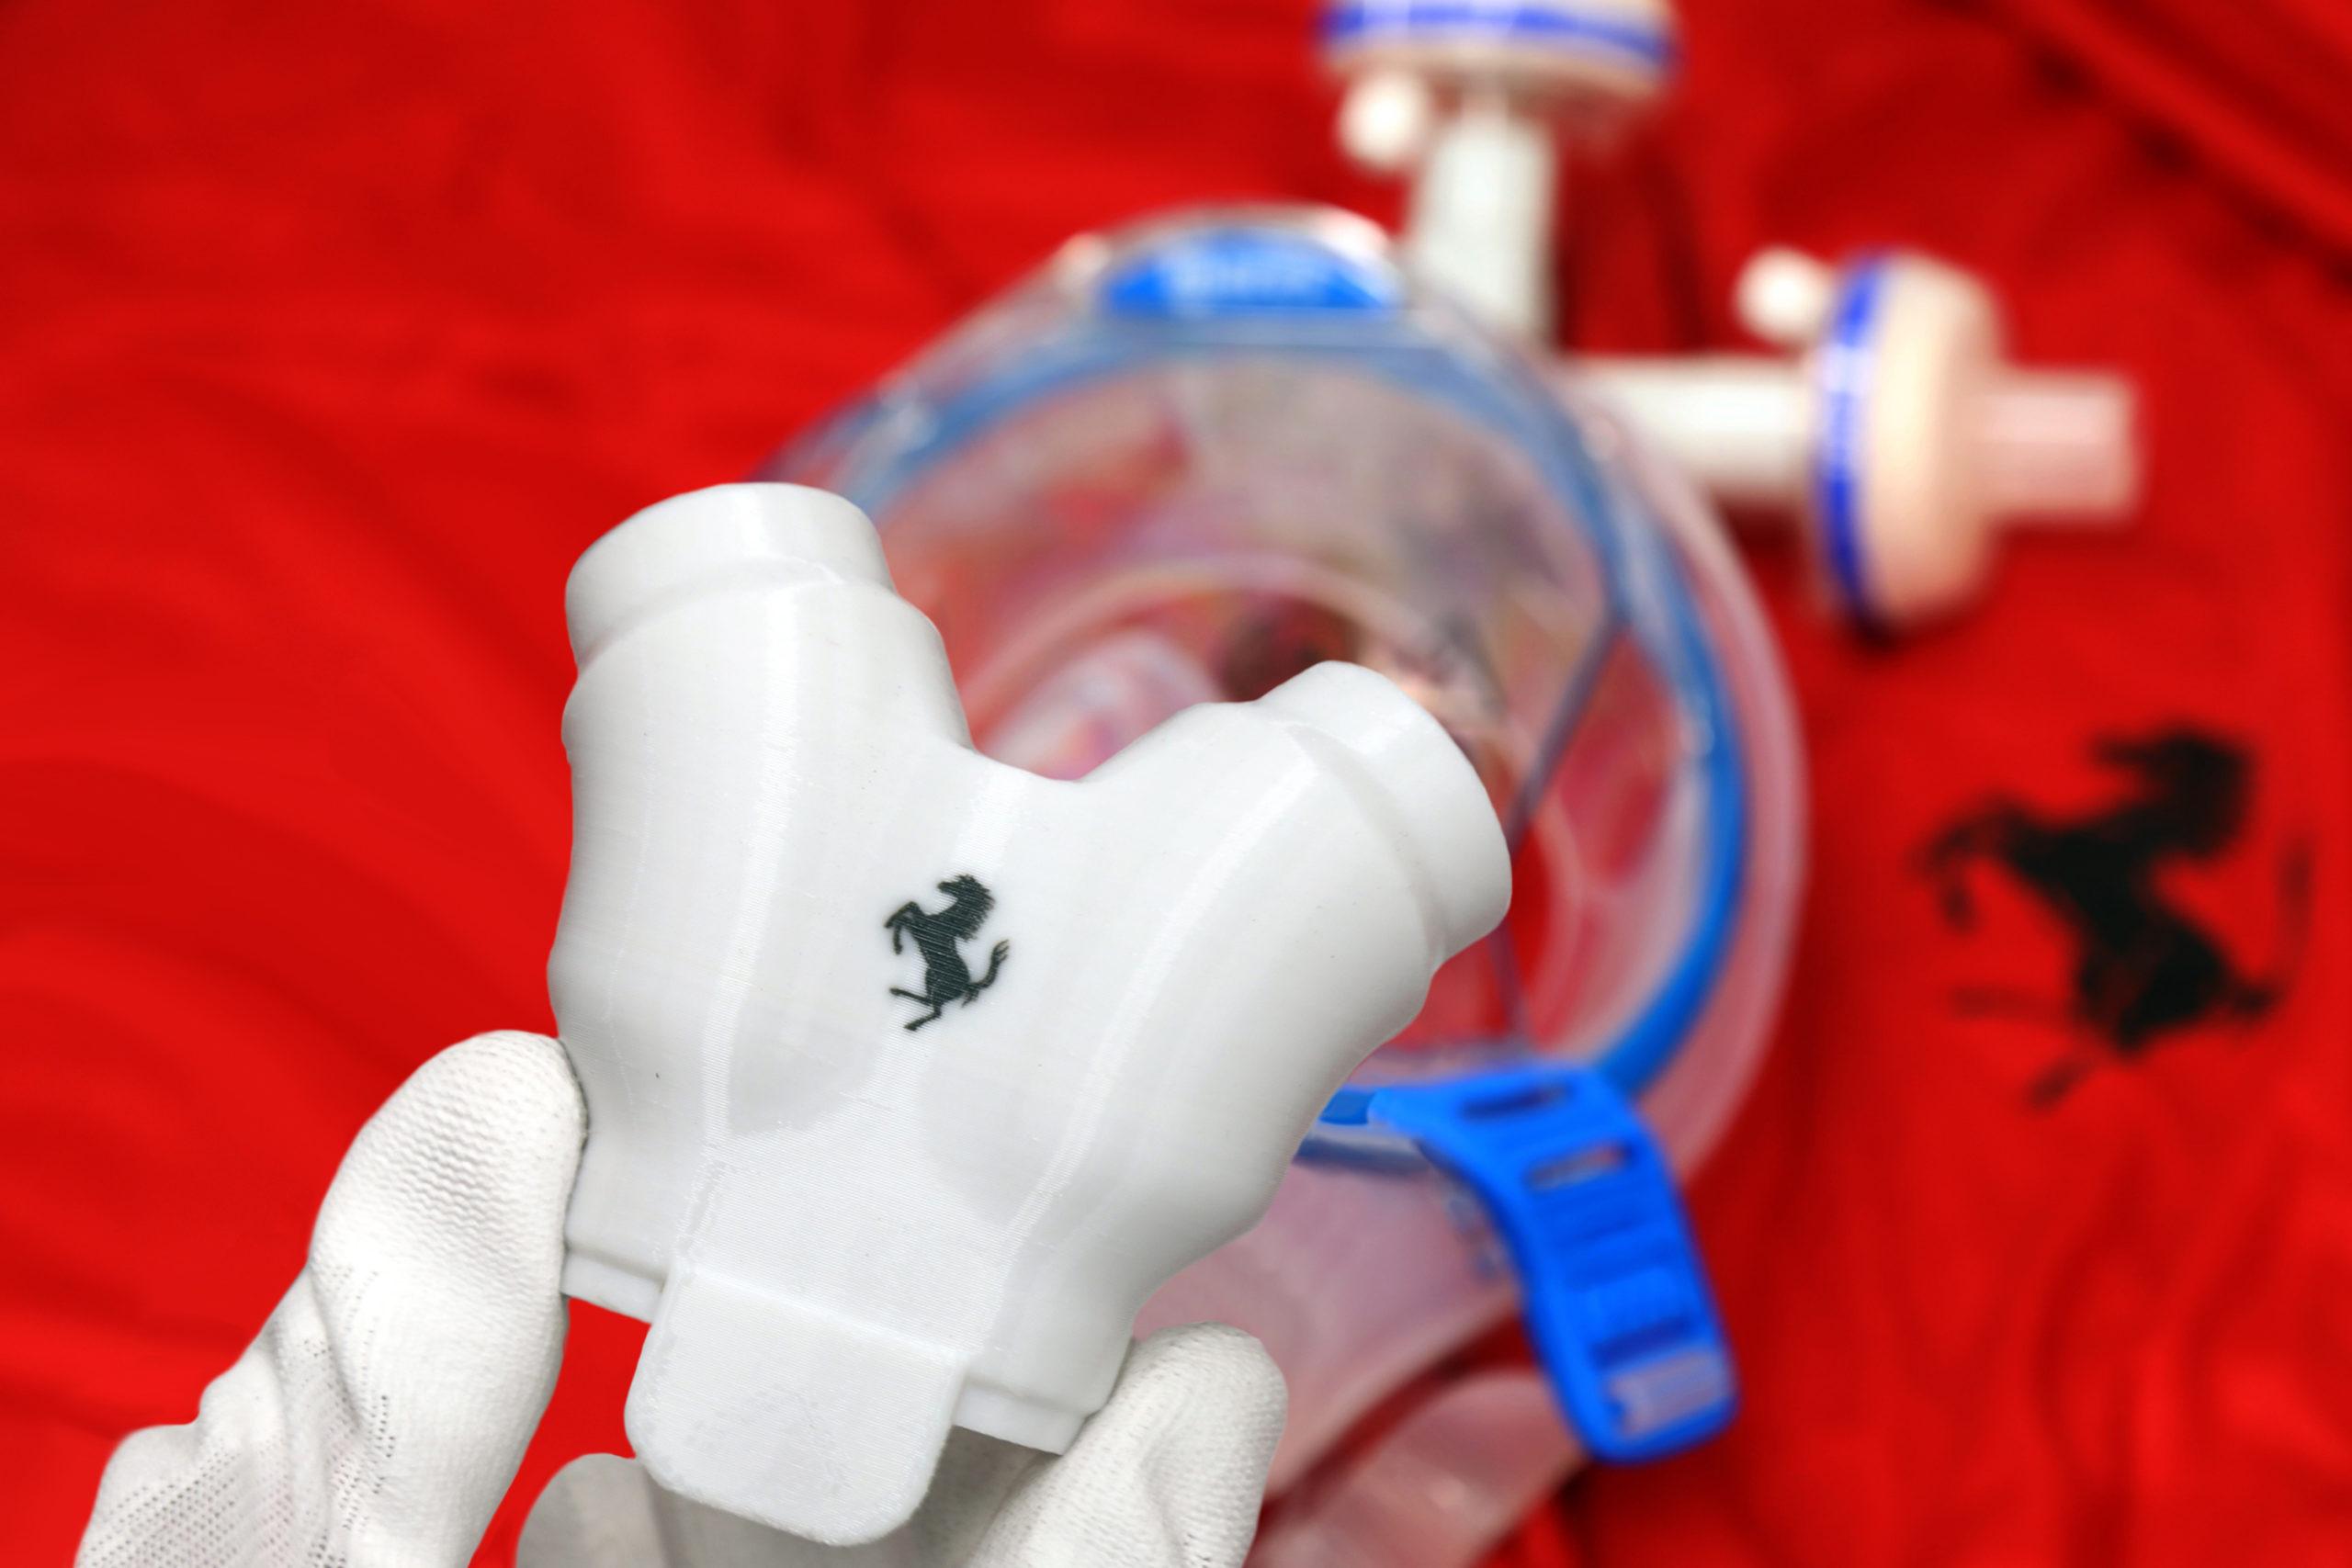 Respiratori polmonari, ecco le valvole prodotte da Ferrari.